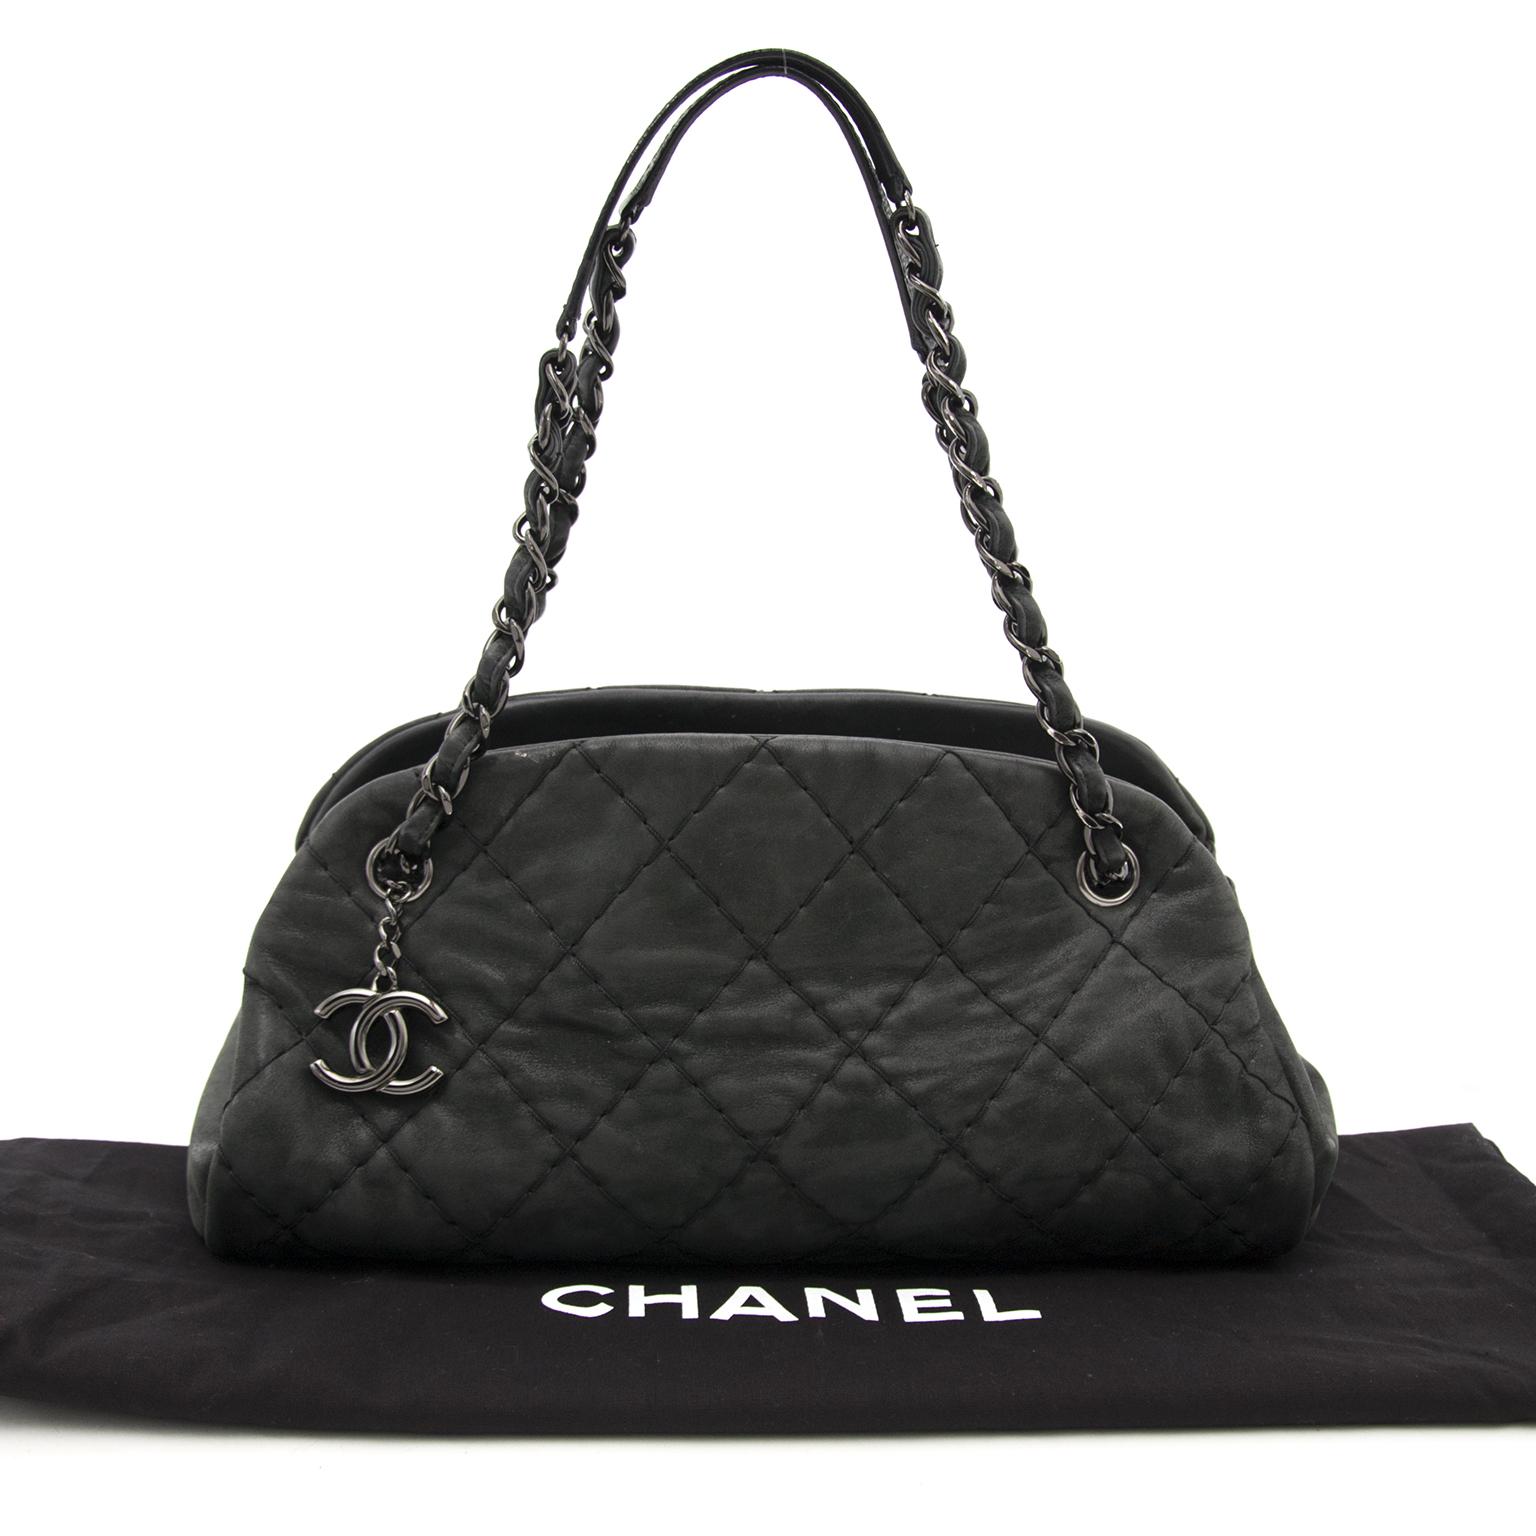 Buy authentic secondhand Chanel bags at the right price at Labellov vintage webshop. Safe and secure online shopping. Koop authentieke tweedehands Chanel tassen met juiste prijs bij Labellov. Achetez en ligne chez Labellov pour le meilleur prix.